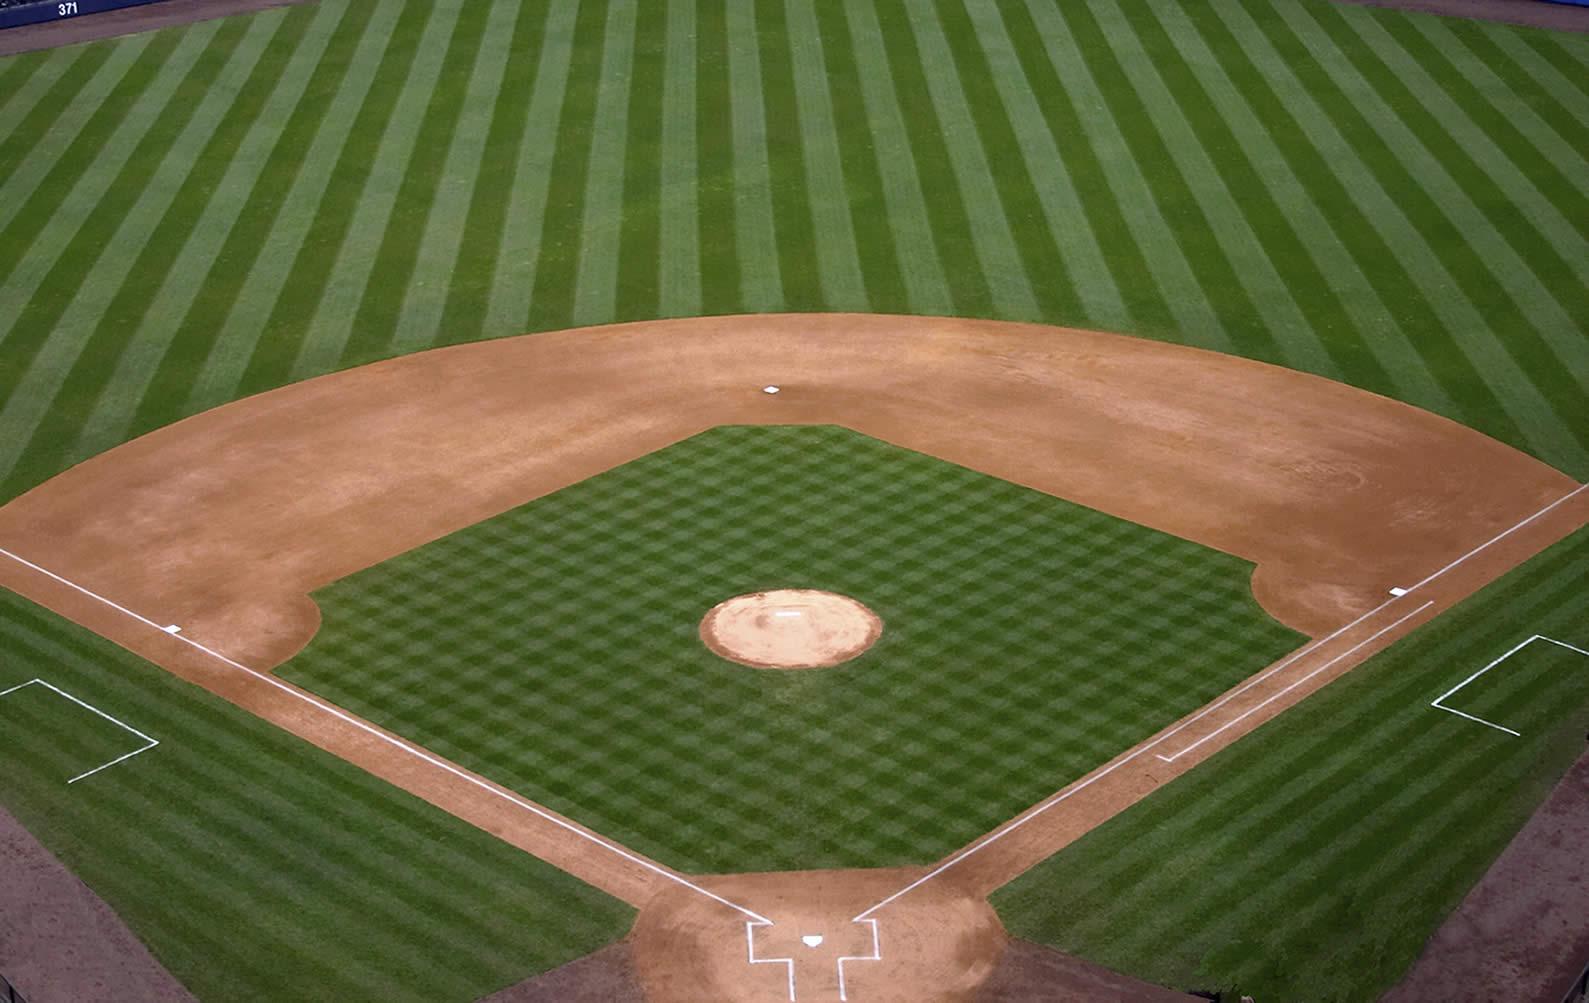 زمین بیسبال - آموزش قوانین بیسبال